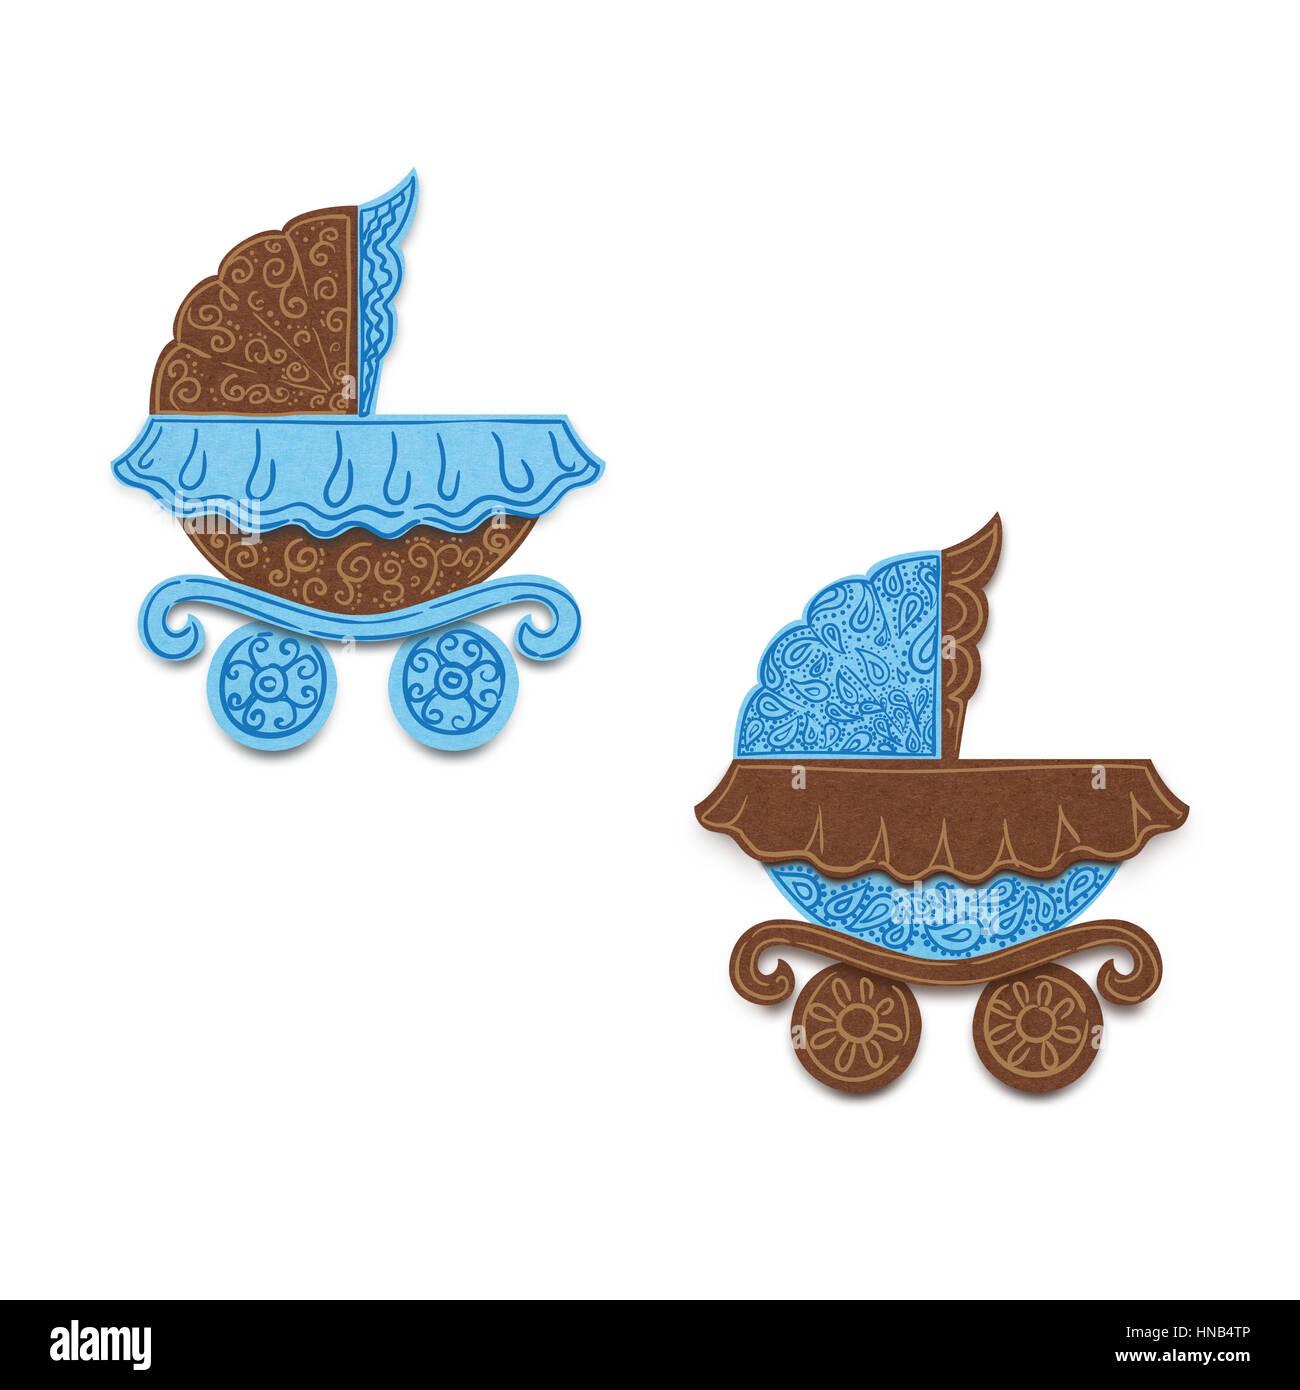 Baby Girl Announcement Card Stockfotos & Baby Girl Announcement Card ...